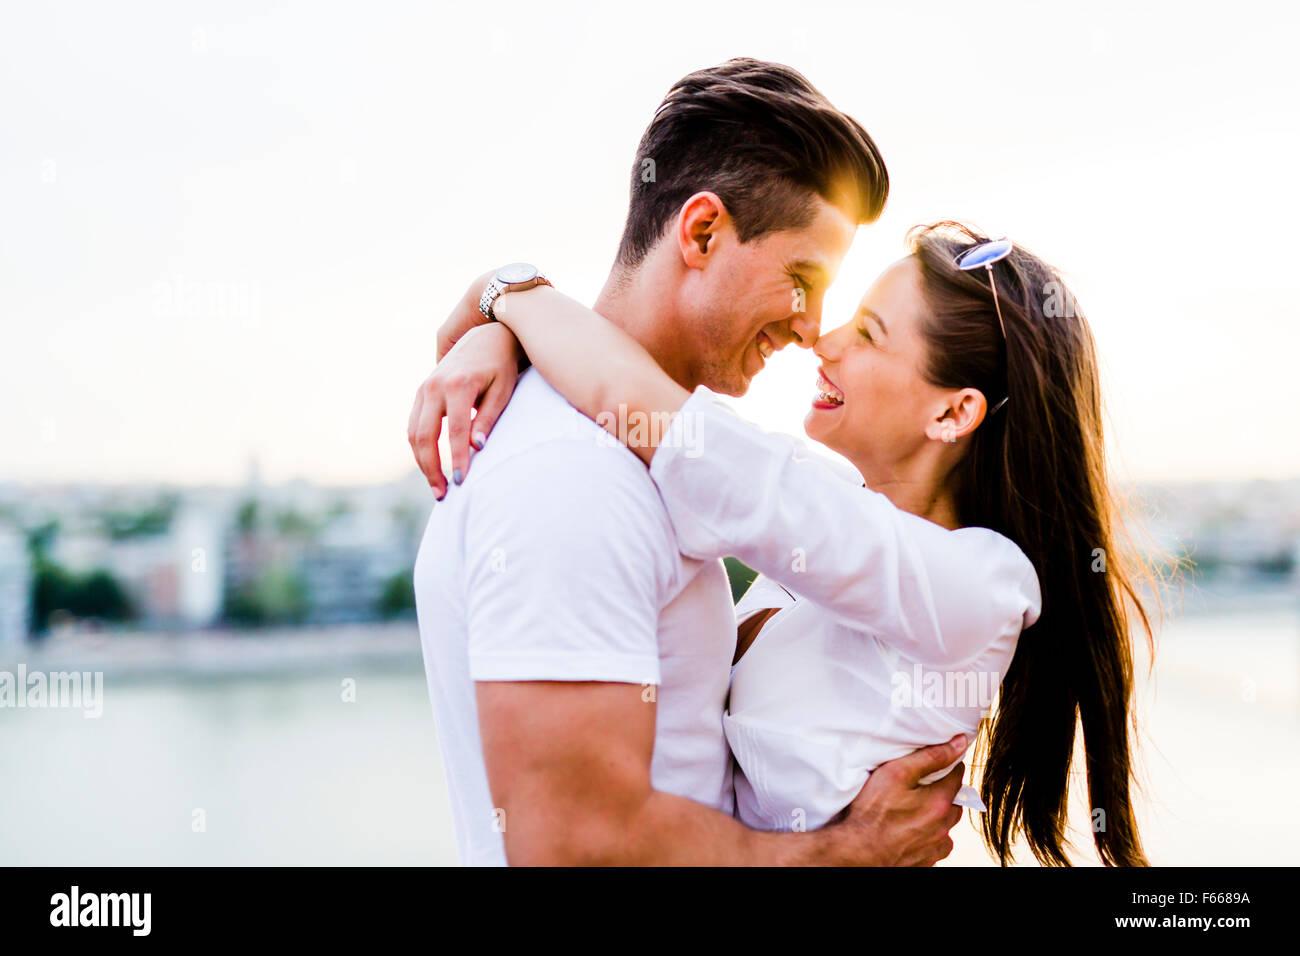 Joven pareja romántica abrazar y besar en el hermoso atardecer Imagen De Stock